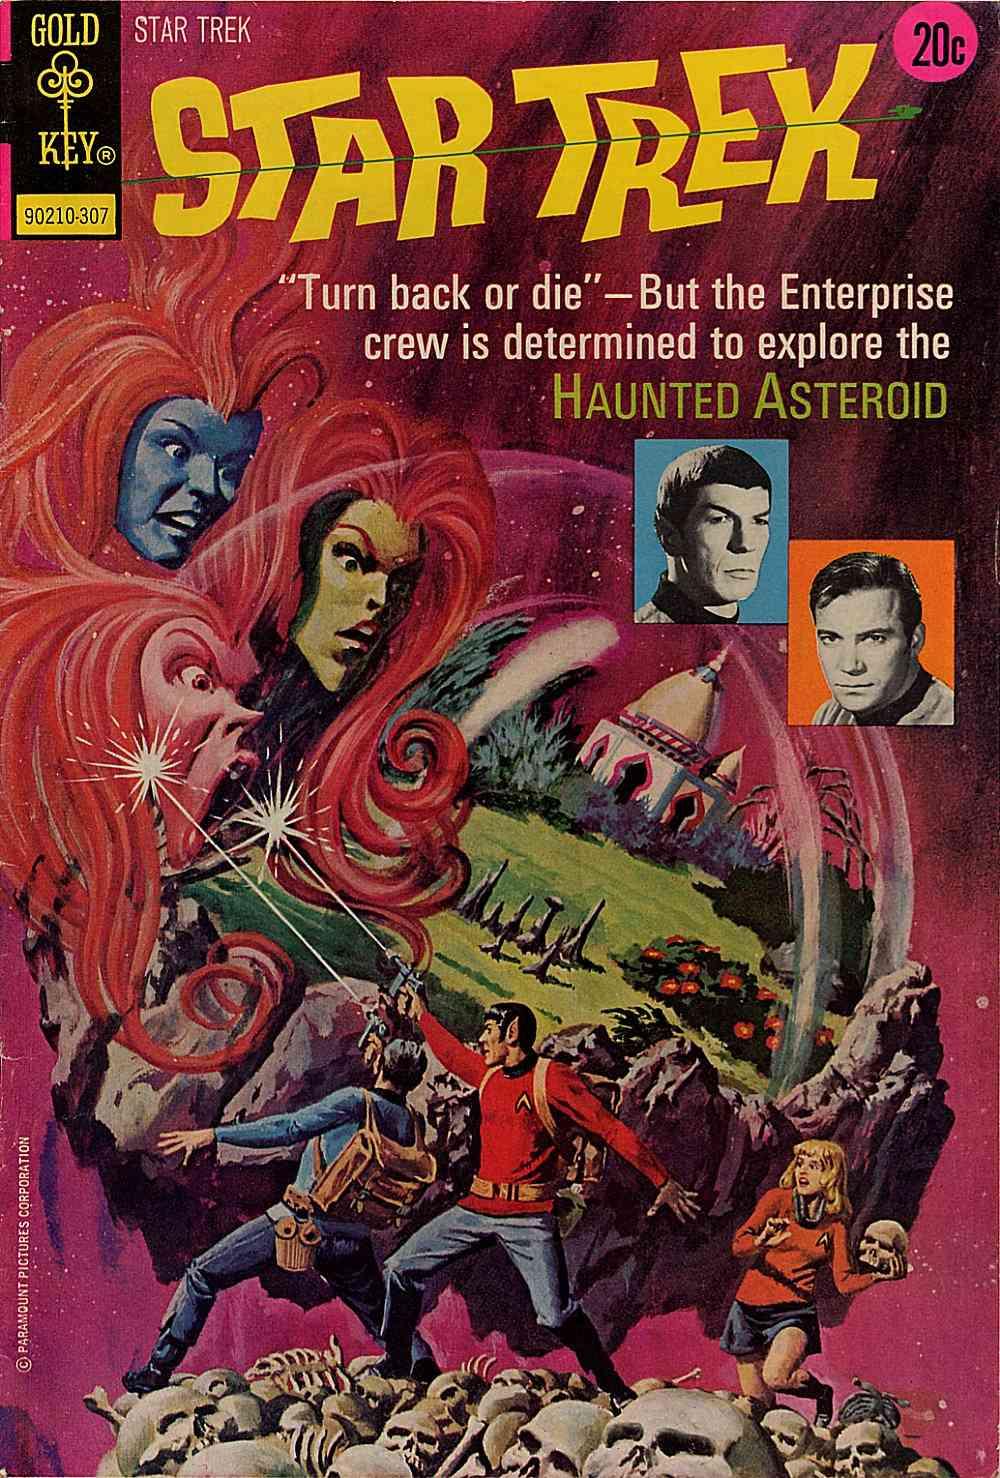 Star Trek (1967) issue 19 - Page 1